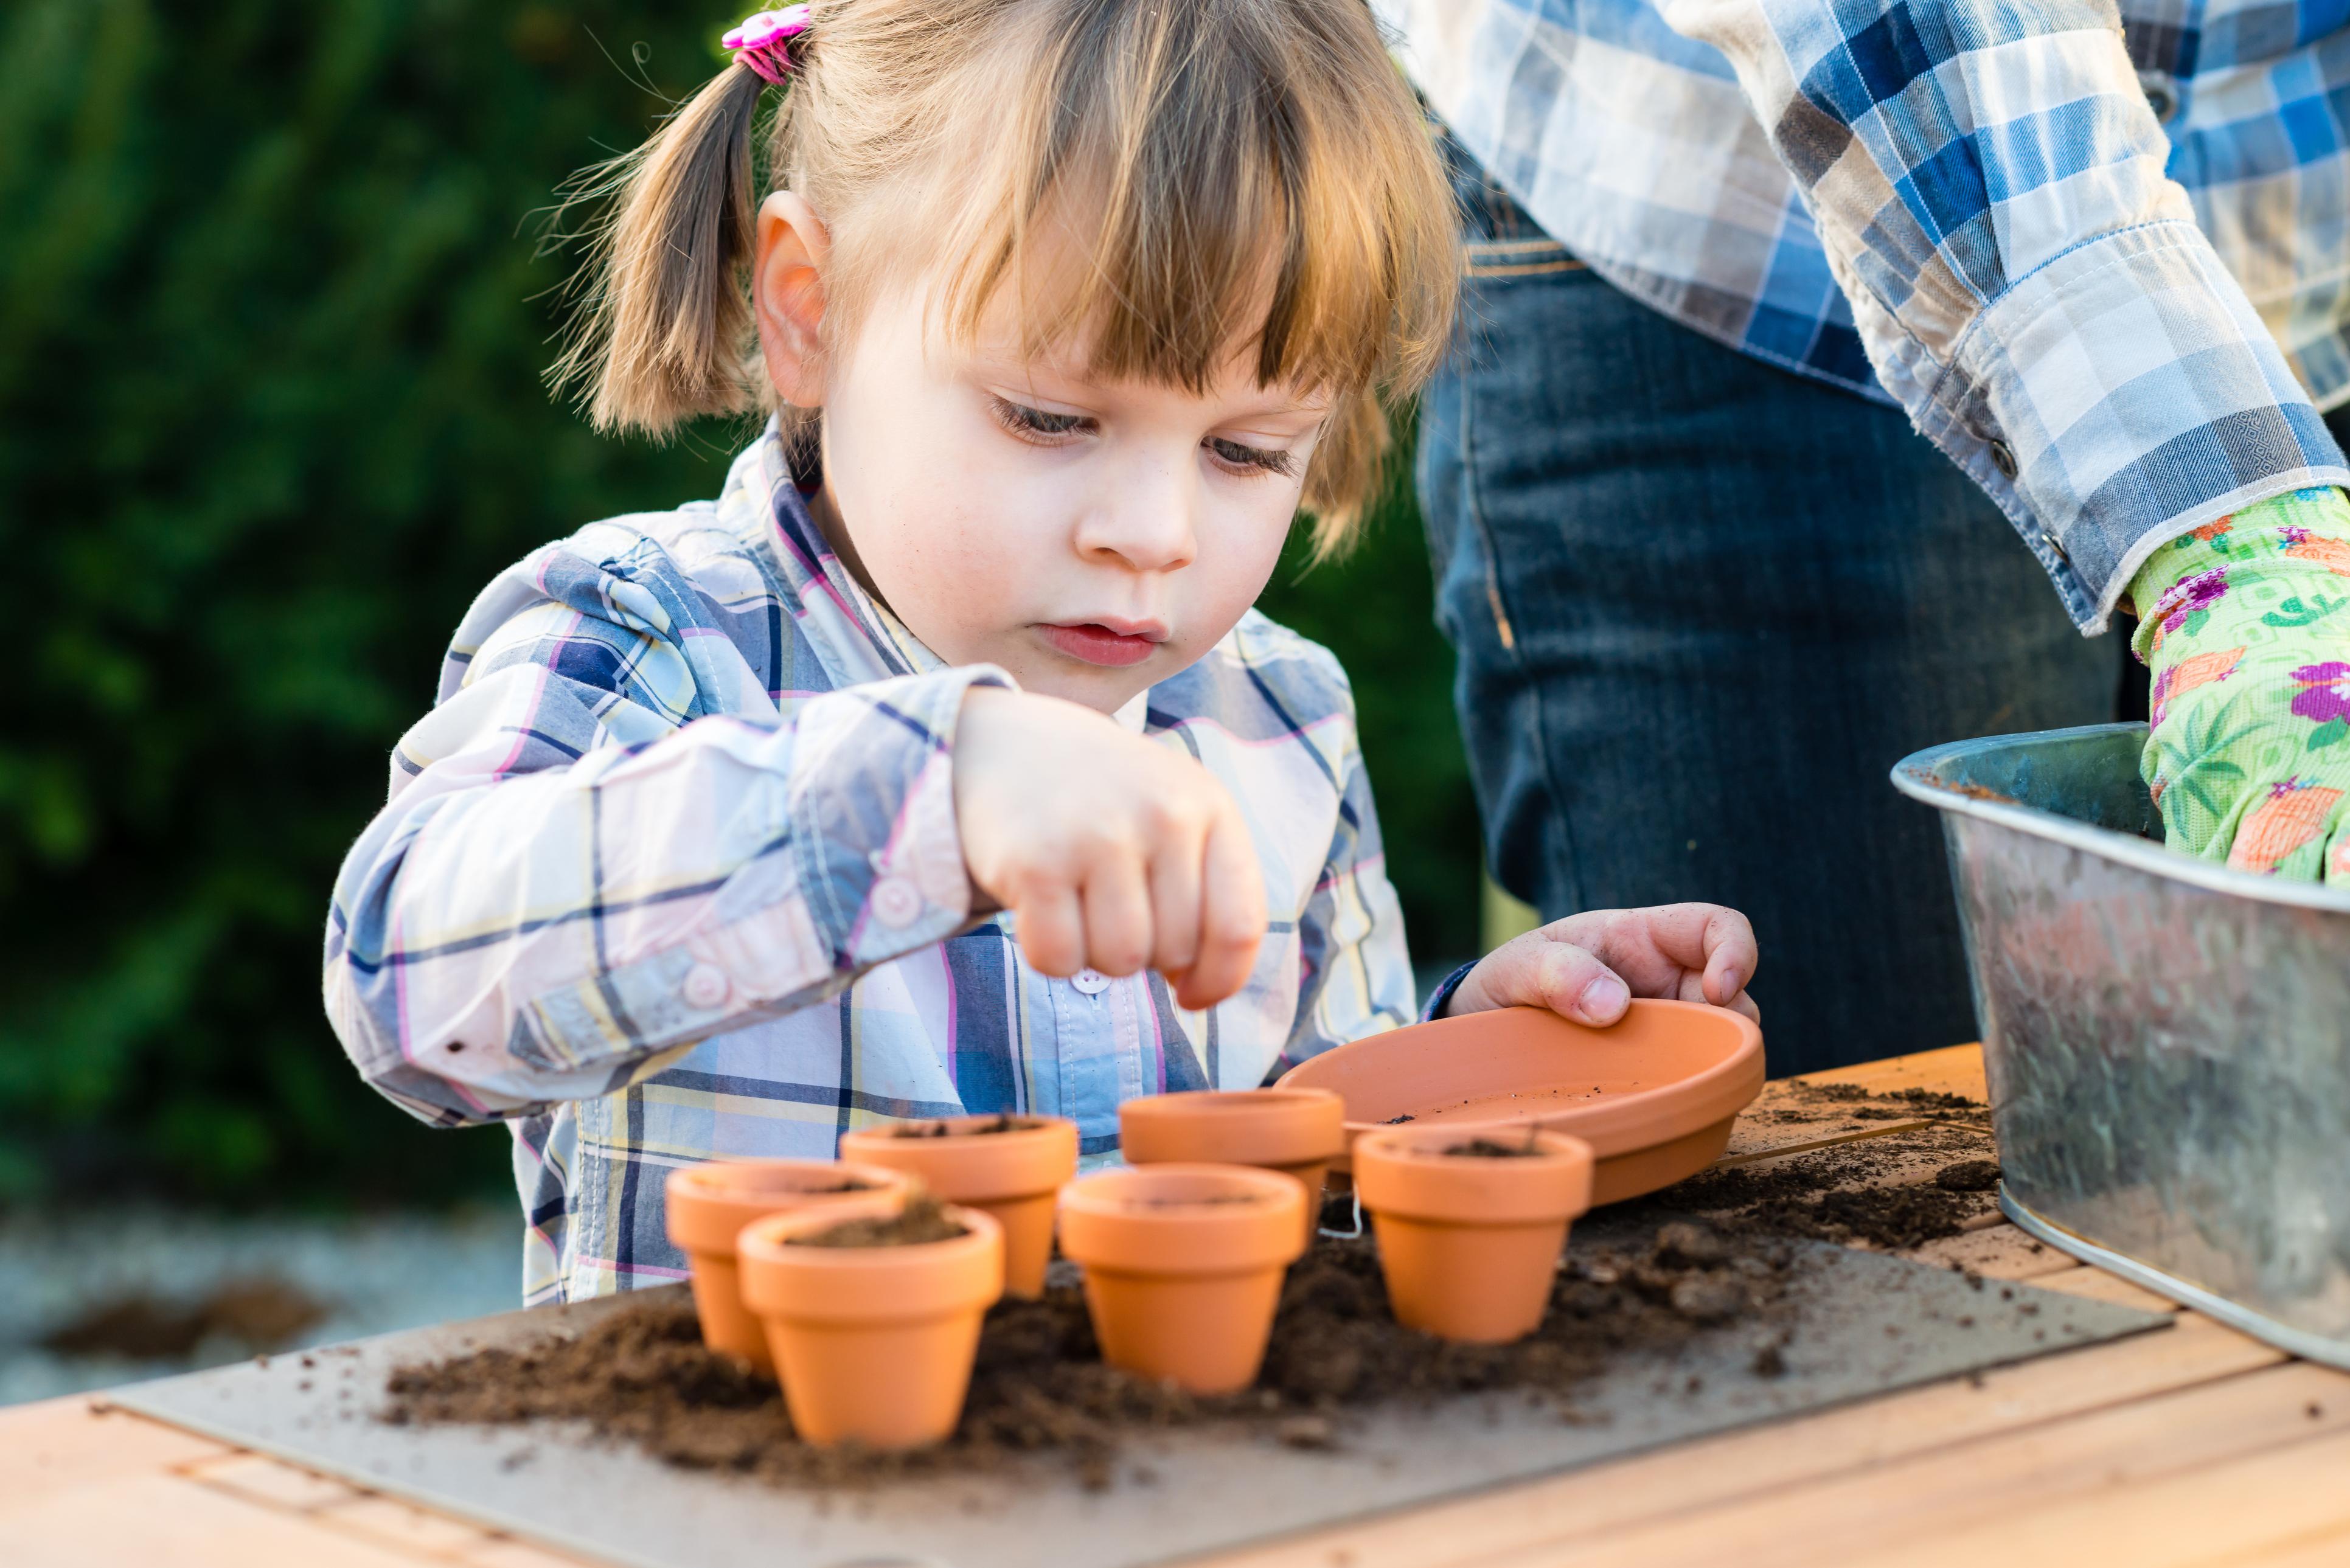 Get them growing (Thinkstock/PA)